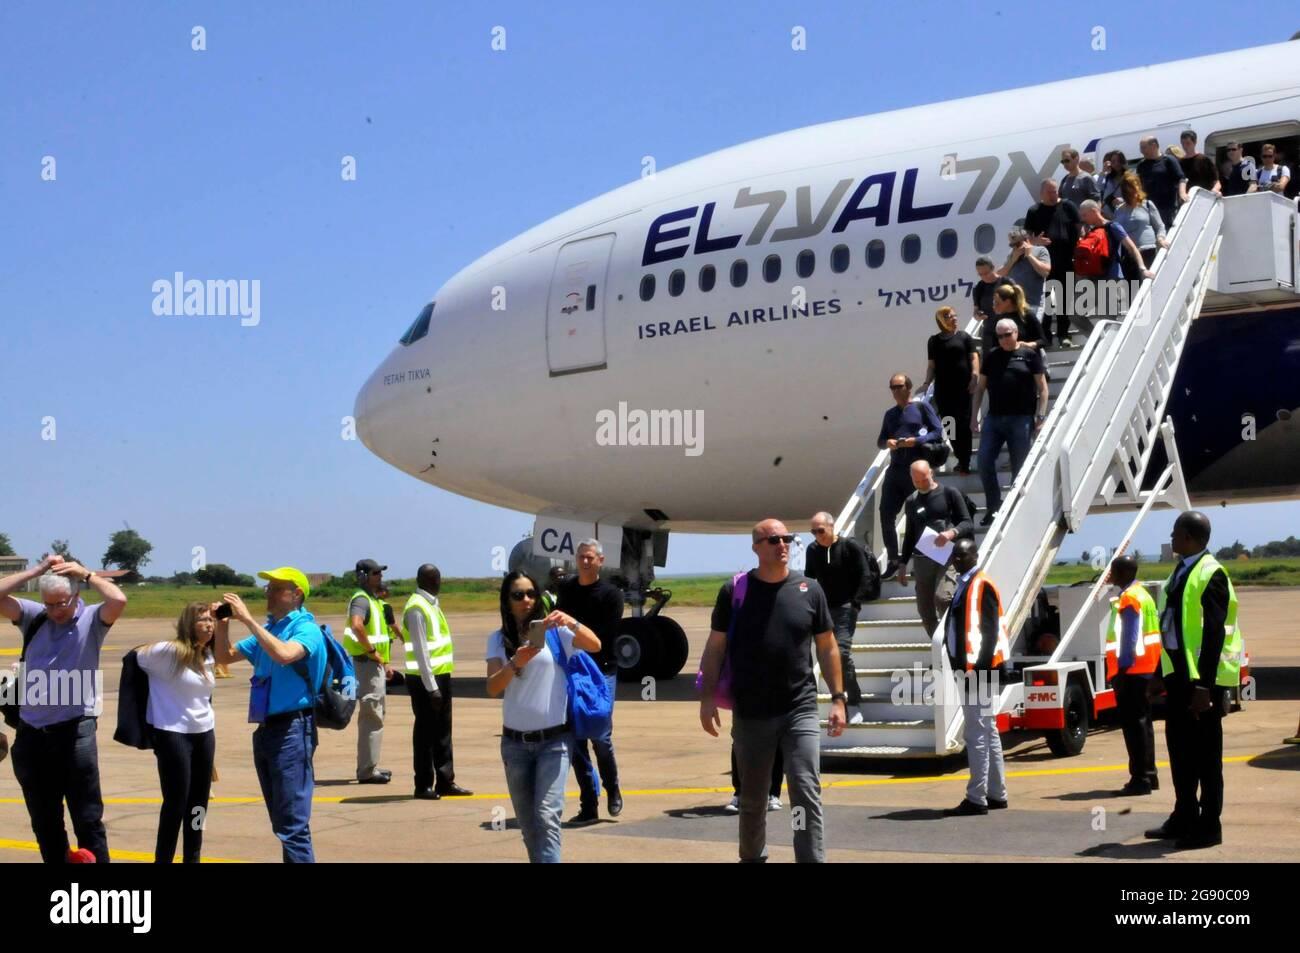 Un moment historique d'un avion israélien à l'aéroport d'Entebbe en Ouganda après 42 ans. Cet aéroport a été détruit par les forces israéliennes en 1977. La photo a été prise le 13 juillet 2019 lorsque plus de 300 touristes sont venus visiter le pays. Ouganda. Banque D'Images